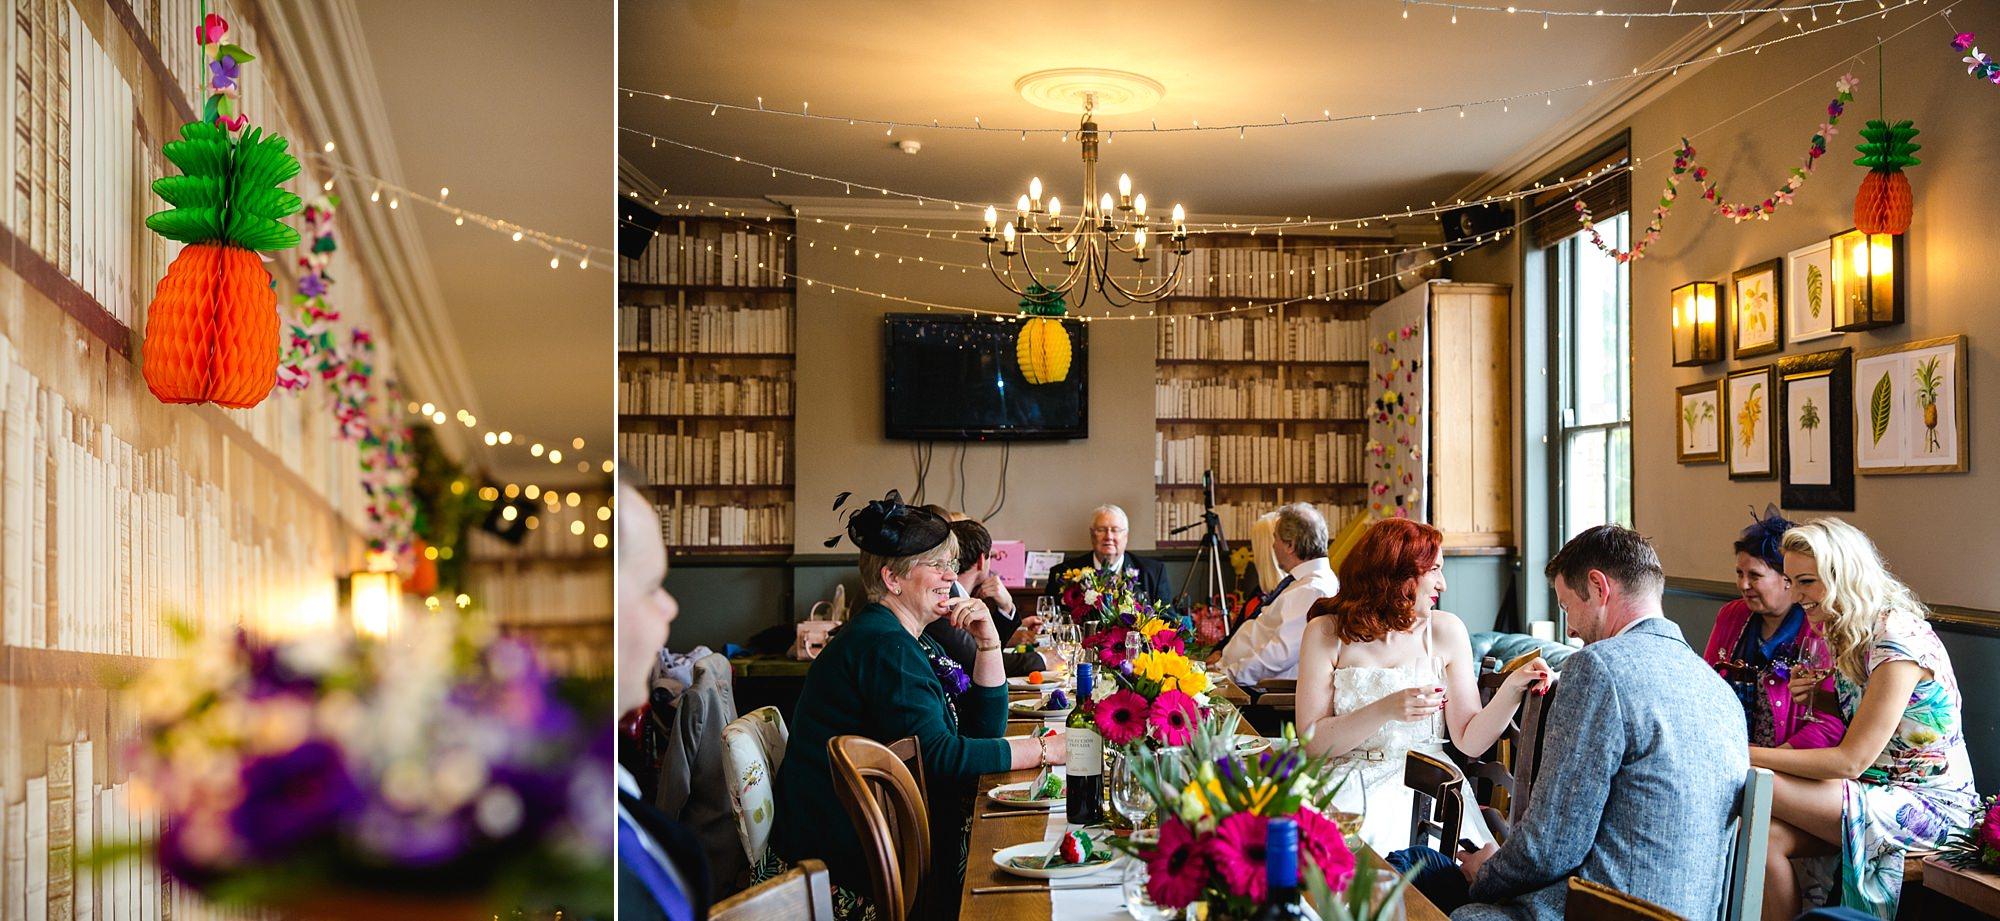 The Grange Ealing wedding dinner